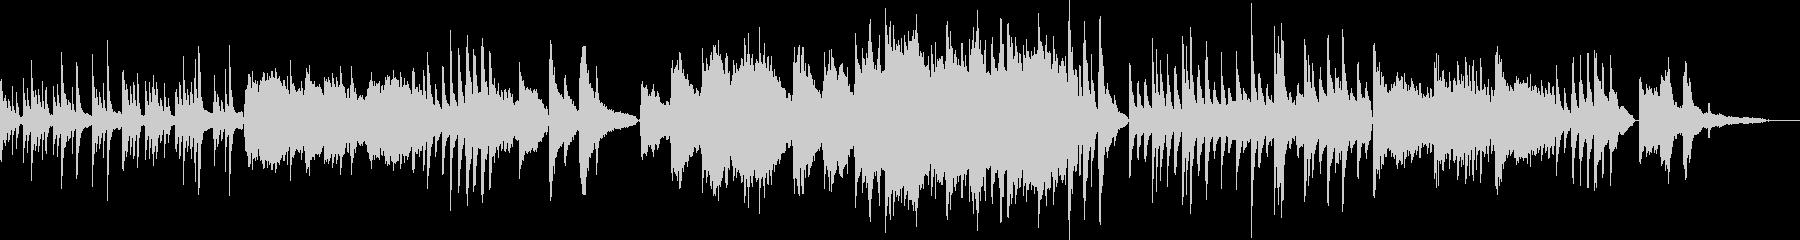 リラックス/オリエンタルなピアノバラードの未再生の波形